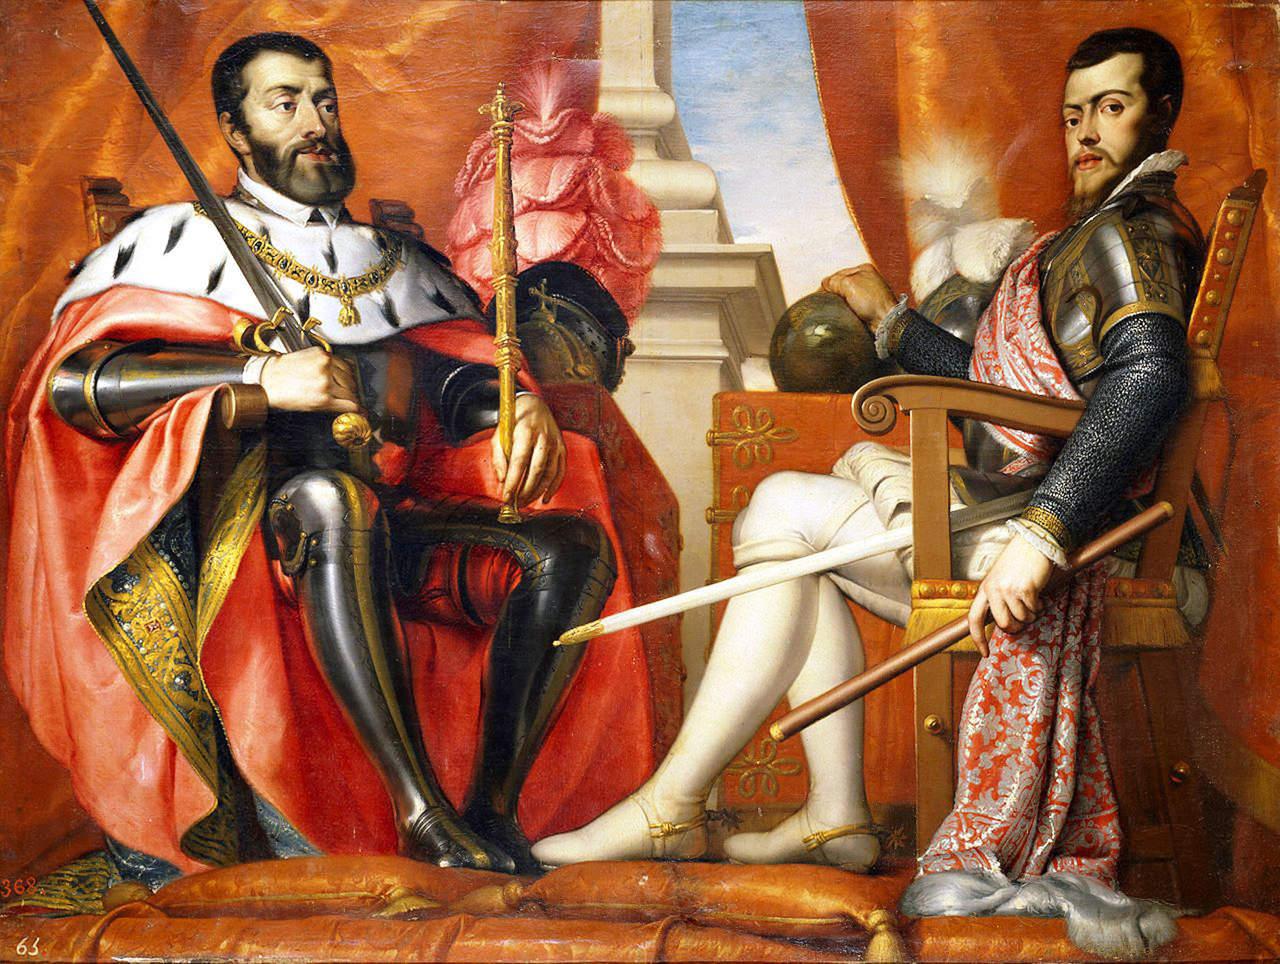 Antes de México: auge y caída de la Administración Pública en la Nueva España